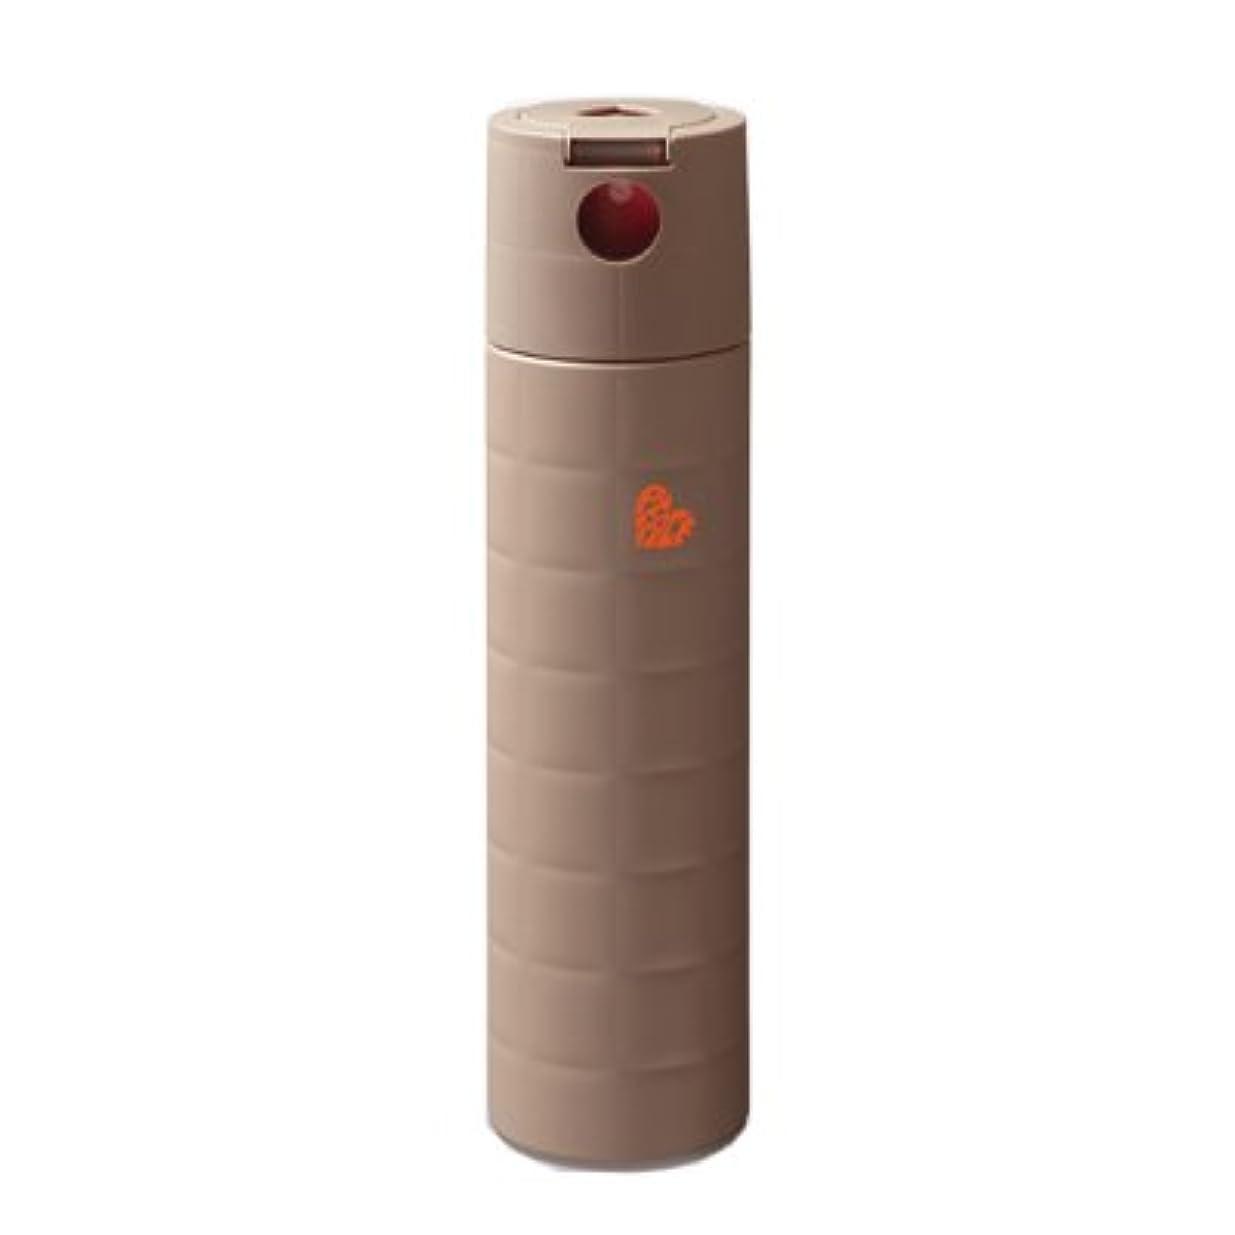 若い誘惑する厚いアリミノ ピース ワックスspray カフェオレ 143g(200ml) スプレーライン ARIMINO PEACE